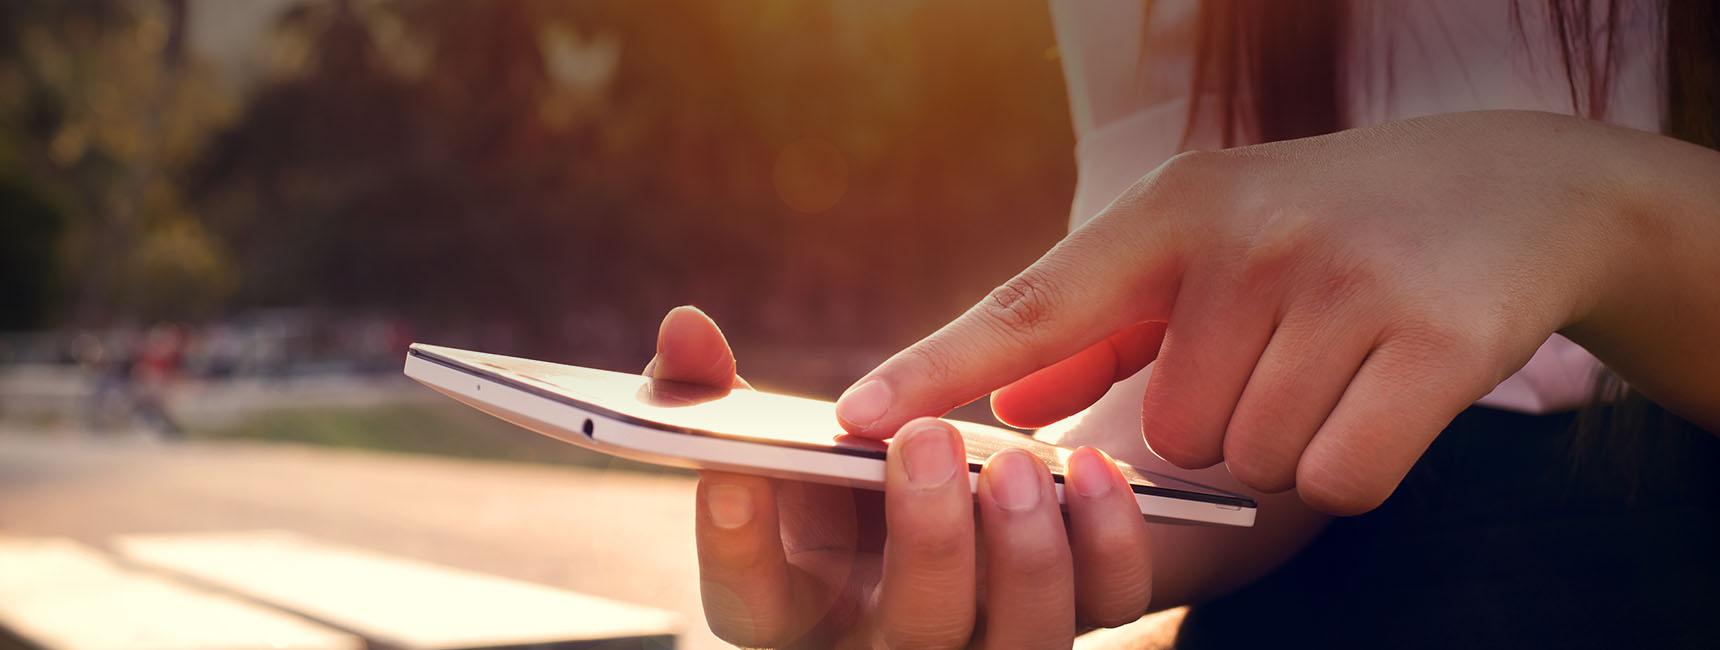 Display mobile Icade sac à pain publicitaire - Keemia Toulouse agence de Marketing locale en région Occitanie